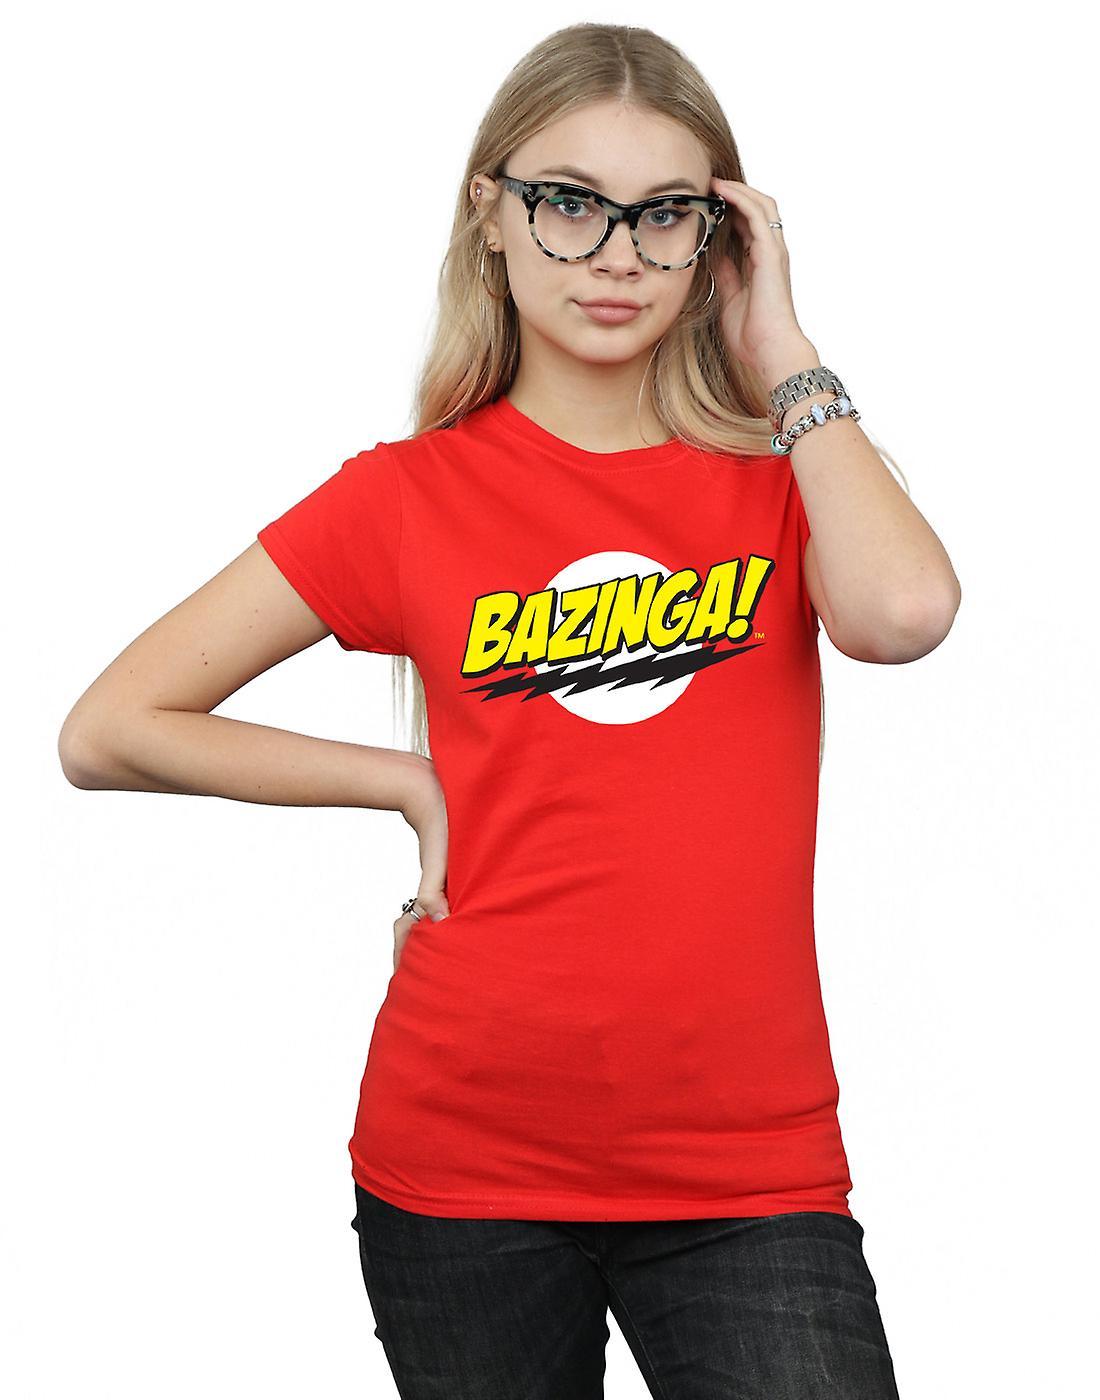 The Big Bang Theory Women's Sheldon Bazinga T Shirt | Fruugo NO